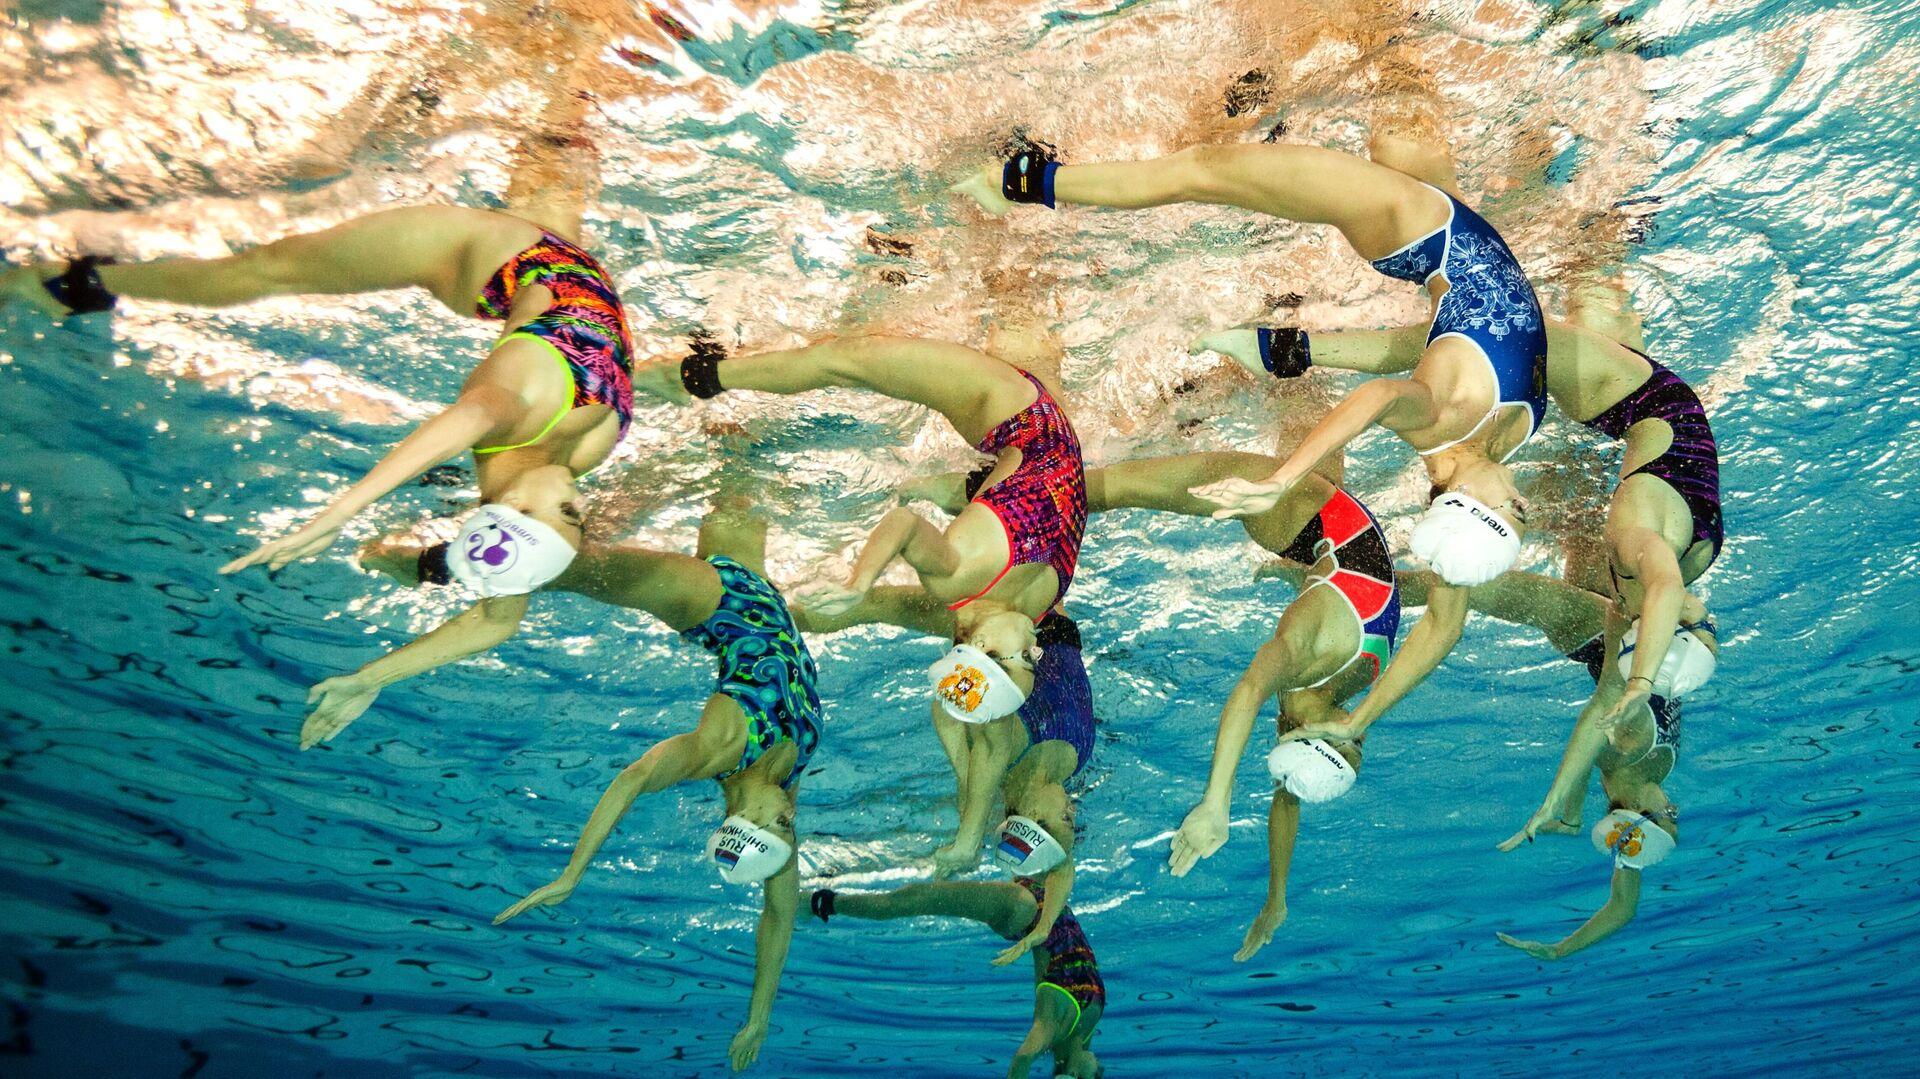 La nazionale russa di nuoto sincronizzato durante un allenamento. - Sputnik Italia, 1920, 01.07.2021